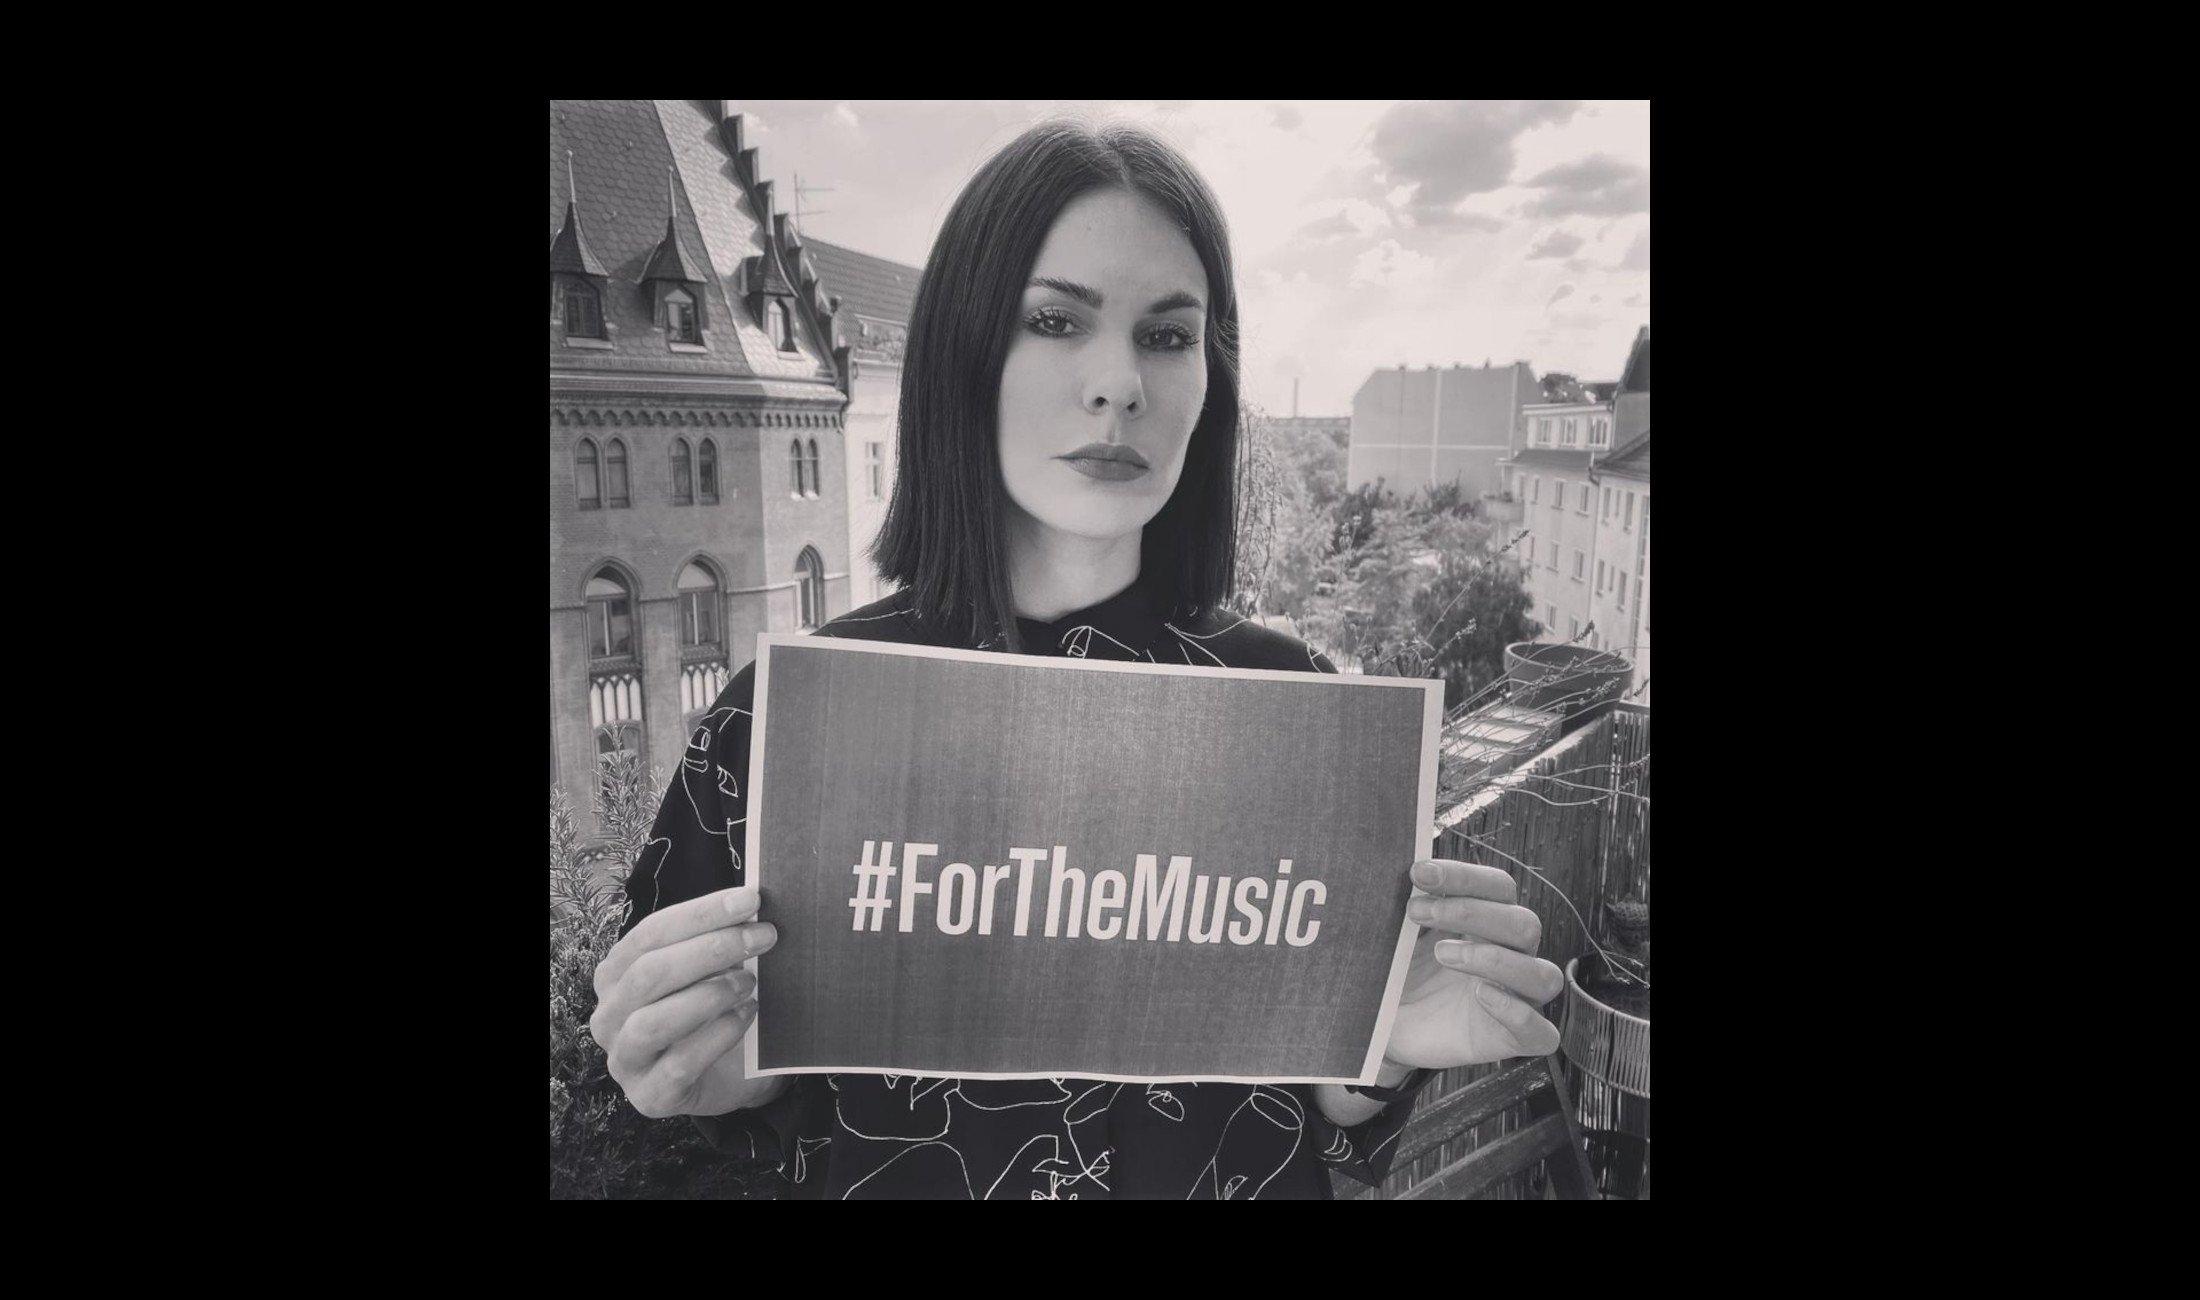 Rebekah startet eine Kampagne gegen sexuelle Belästigung - DJ LAB